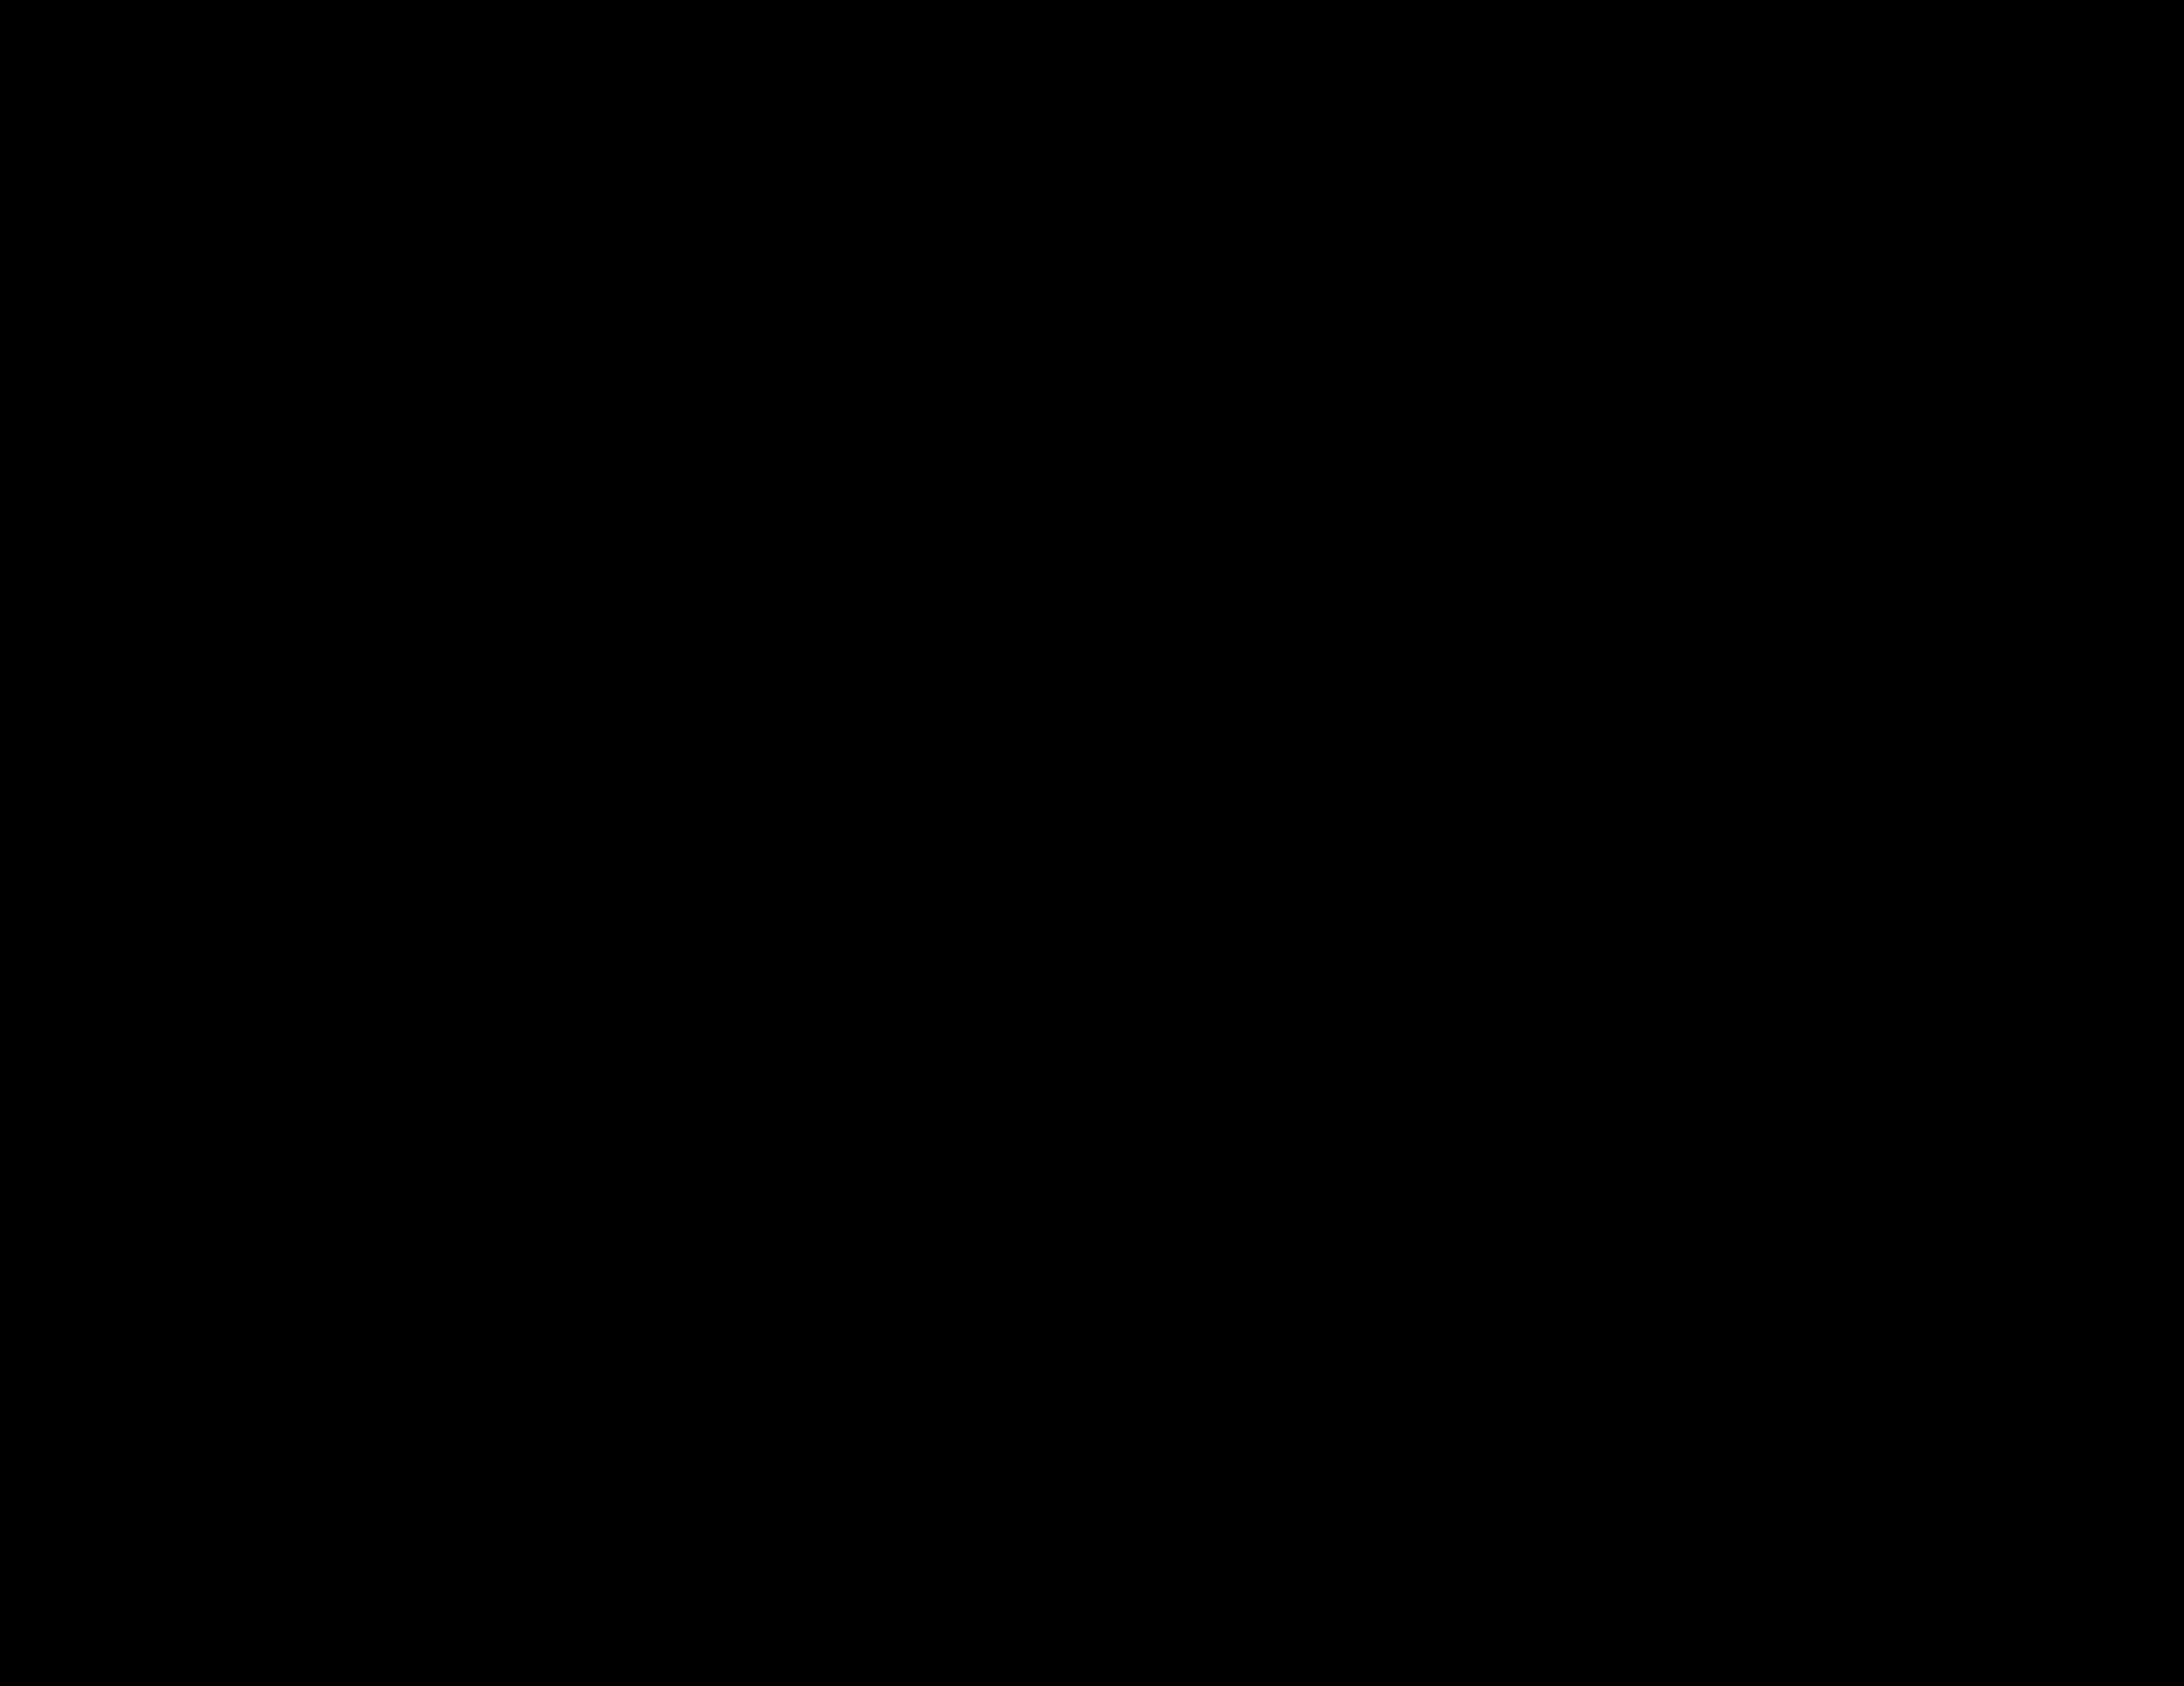 Perché la proliferazione di supermercati fa male alla città